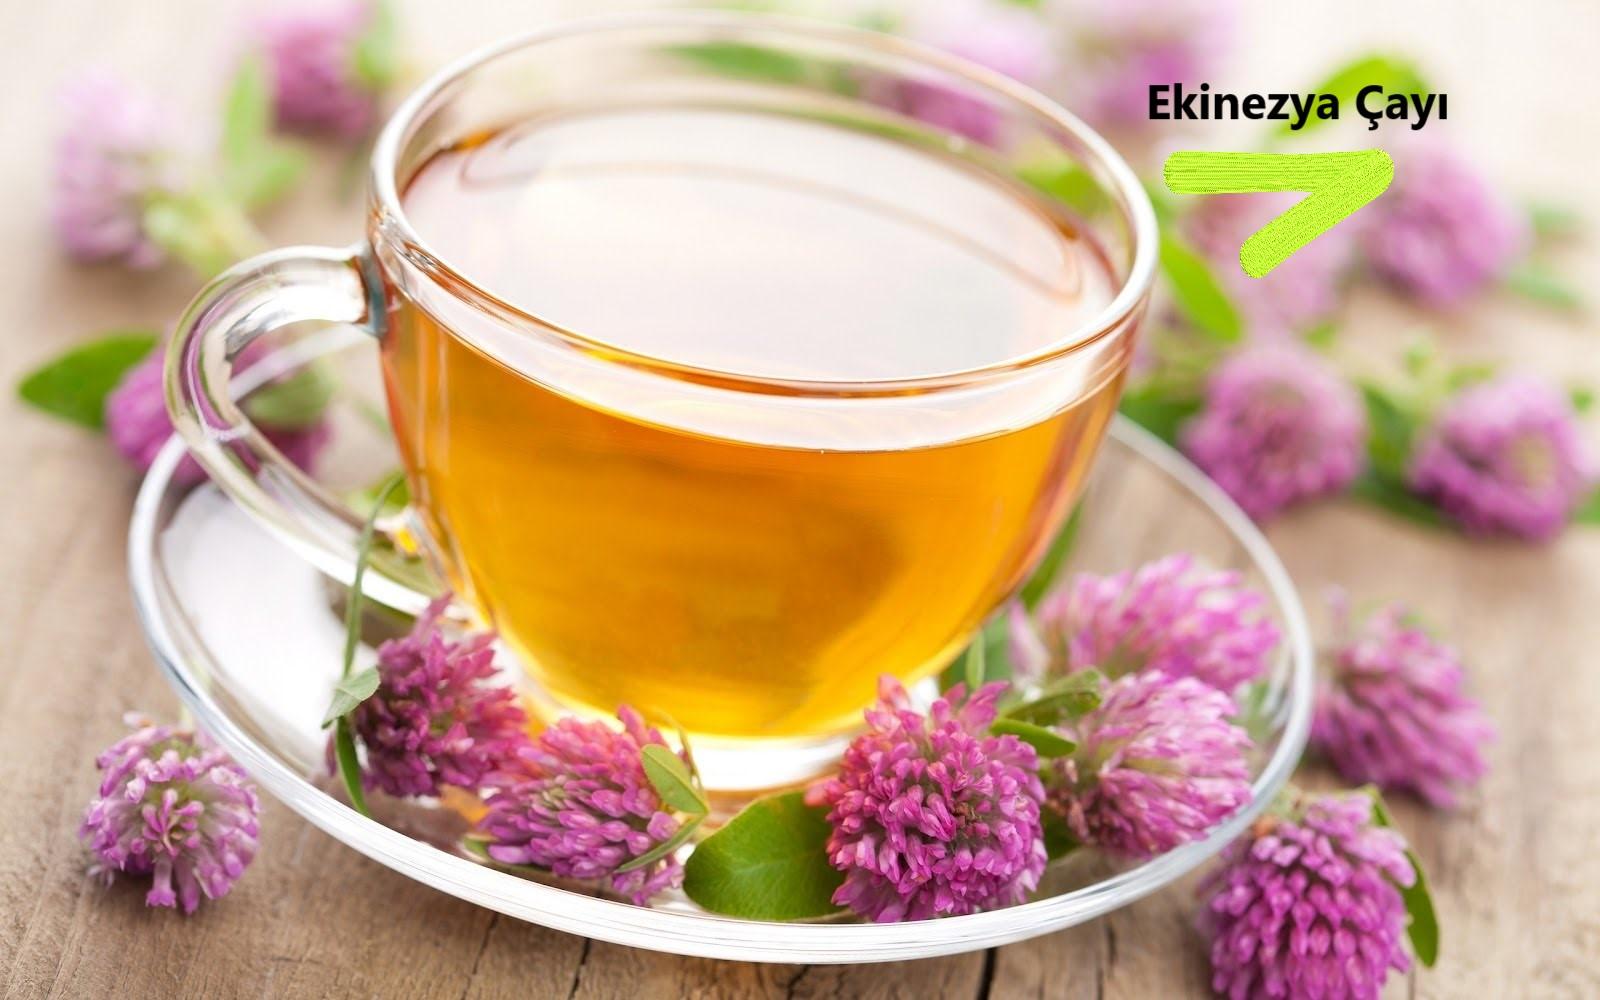 Ekinezya Çay